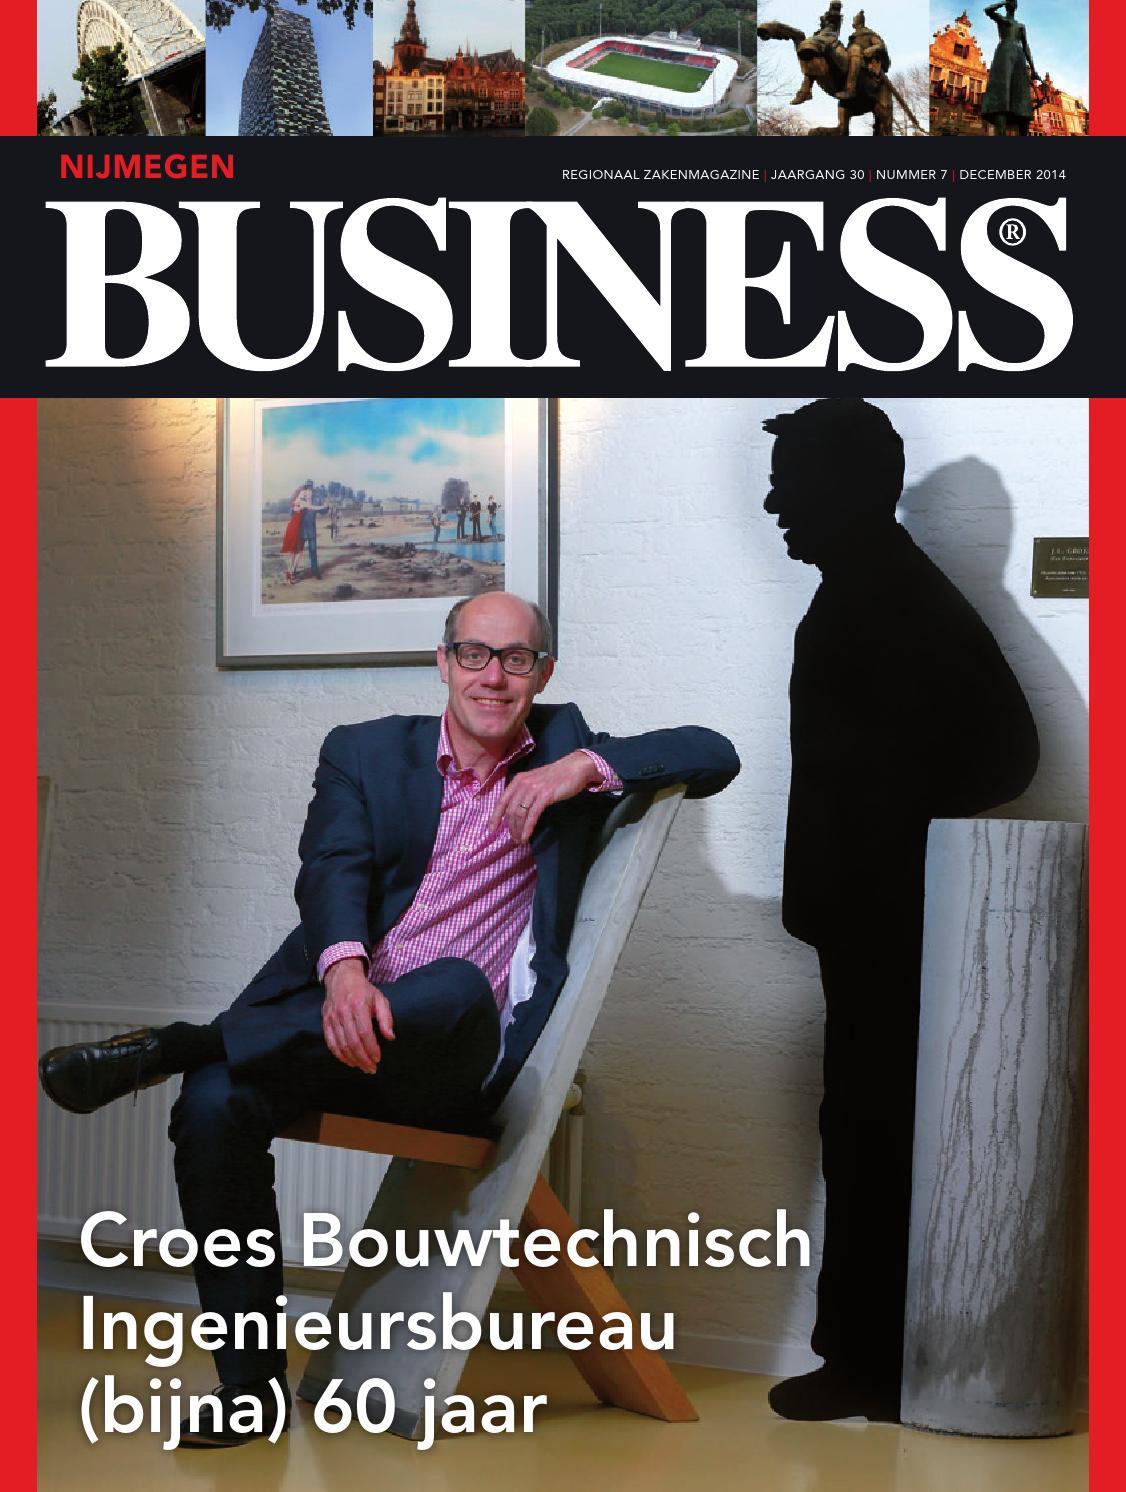 Nijmegen business 07   december 2014 by nijmegen business   issuu